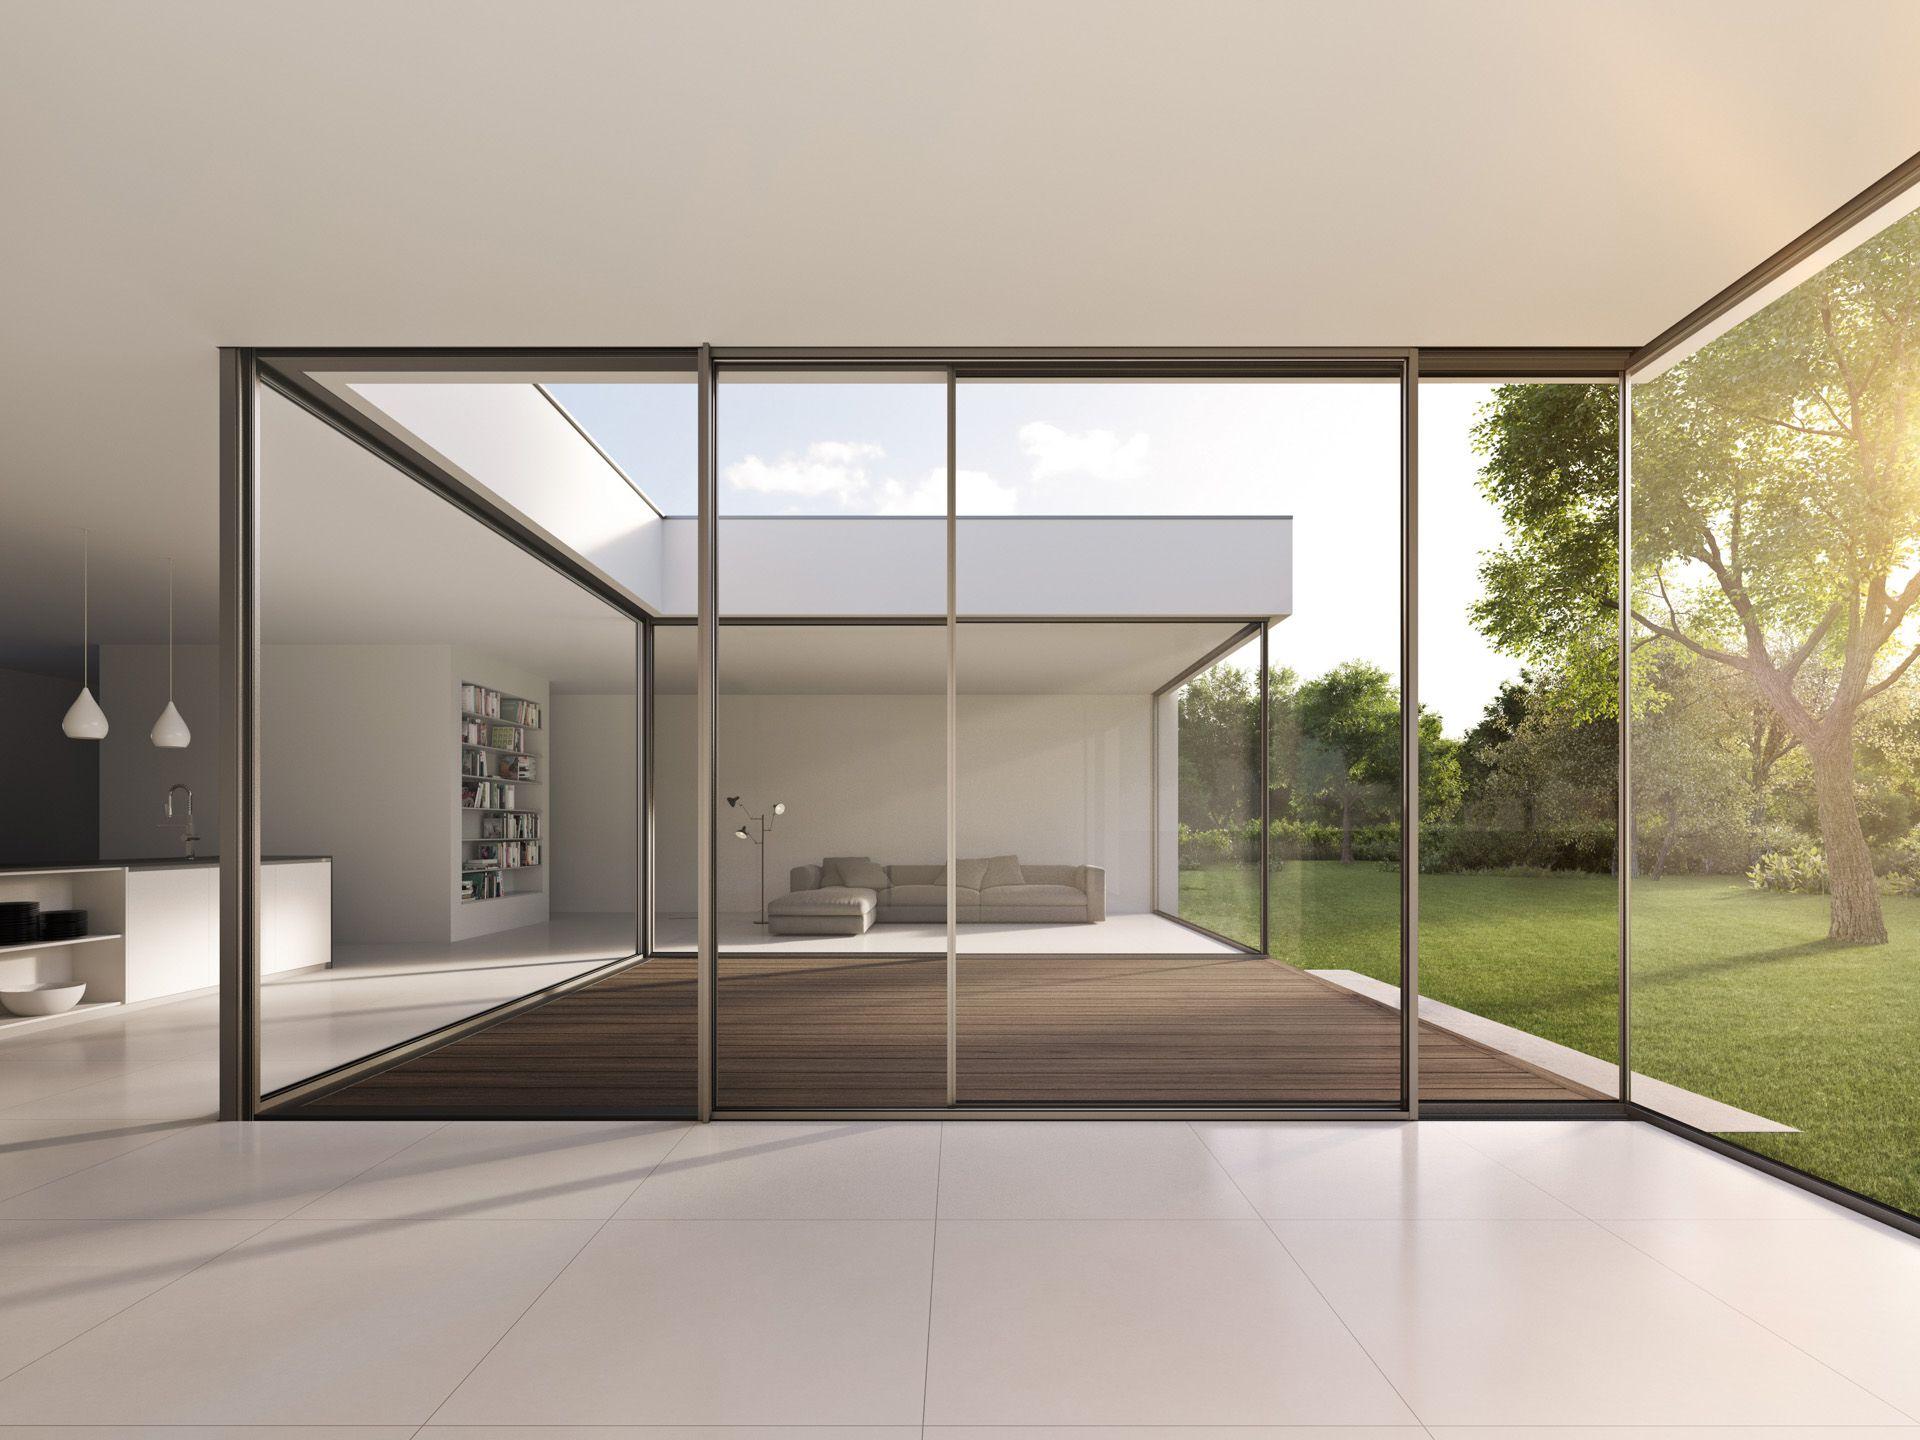 raumhohe verglasung mit einzelementen von bis zu 4 metern breite und 6 metern h he maximale. Black Bedroom Furniture Sets. Home Design Ideas